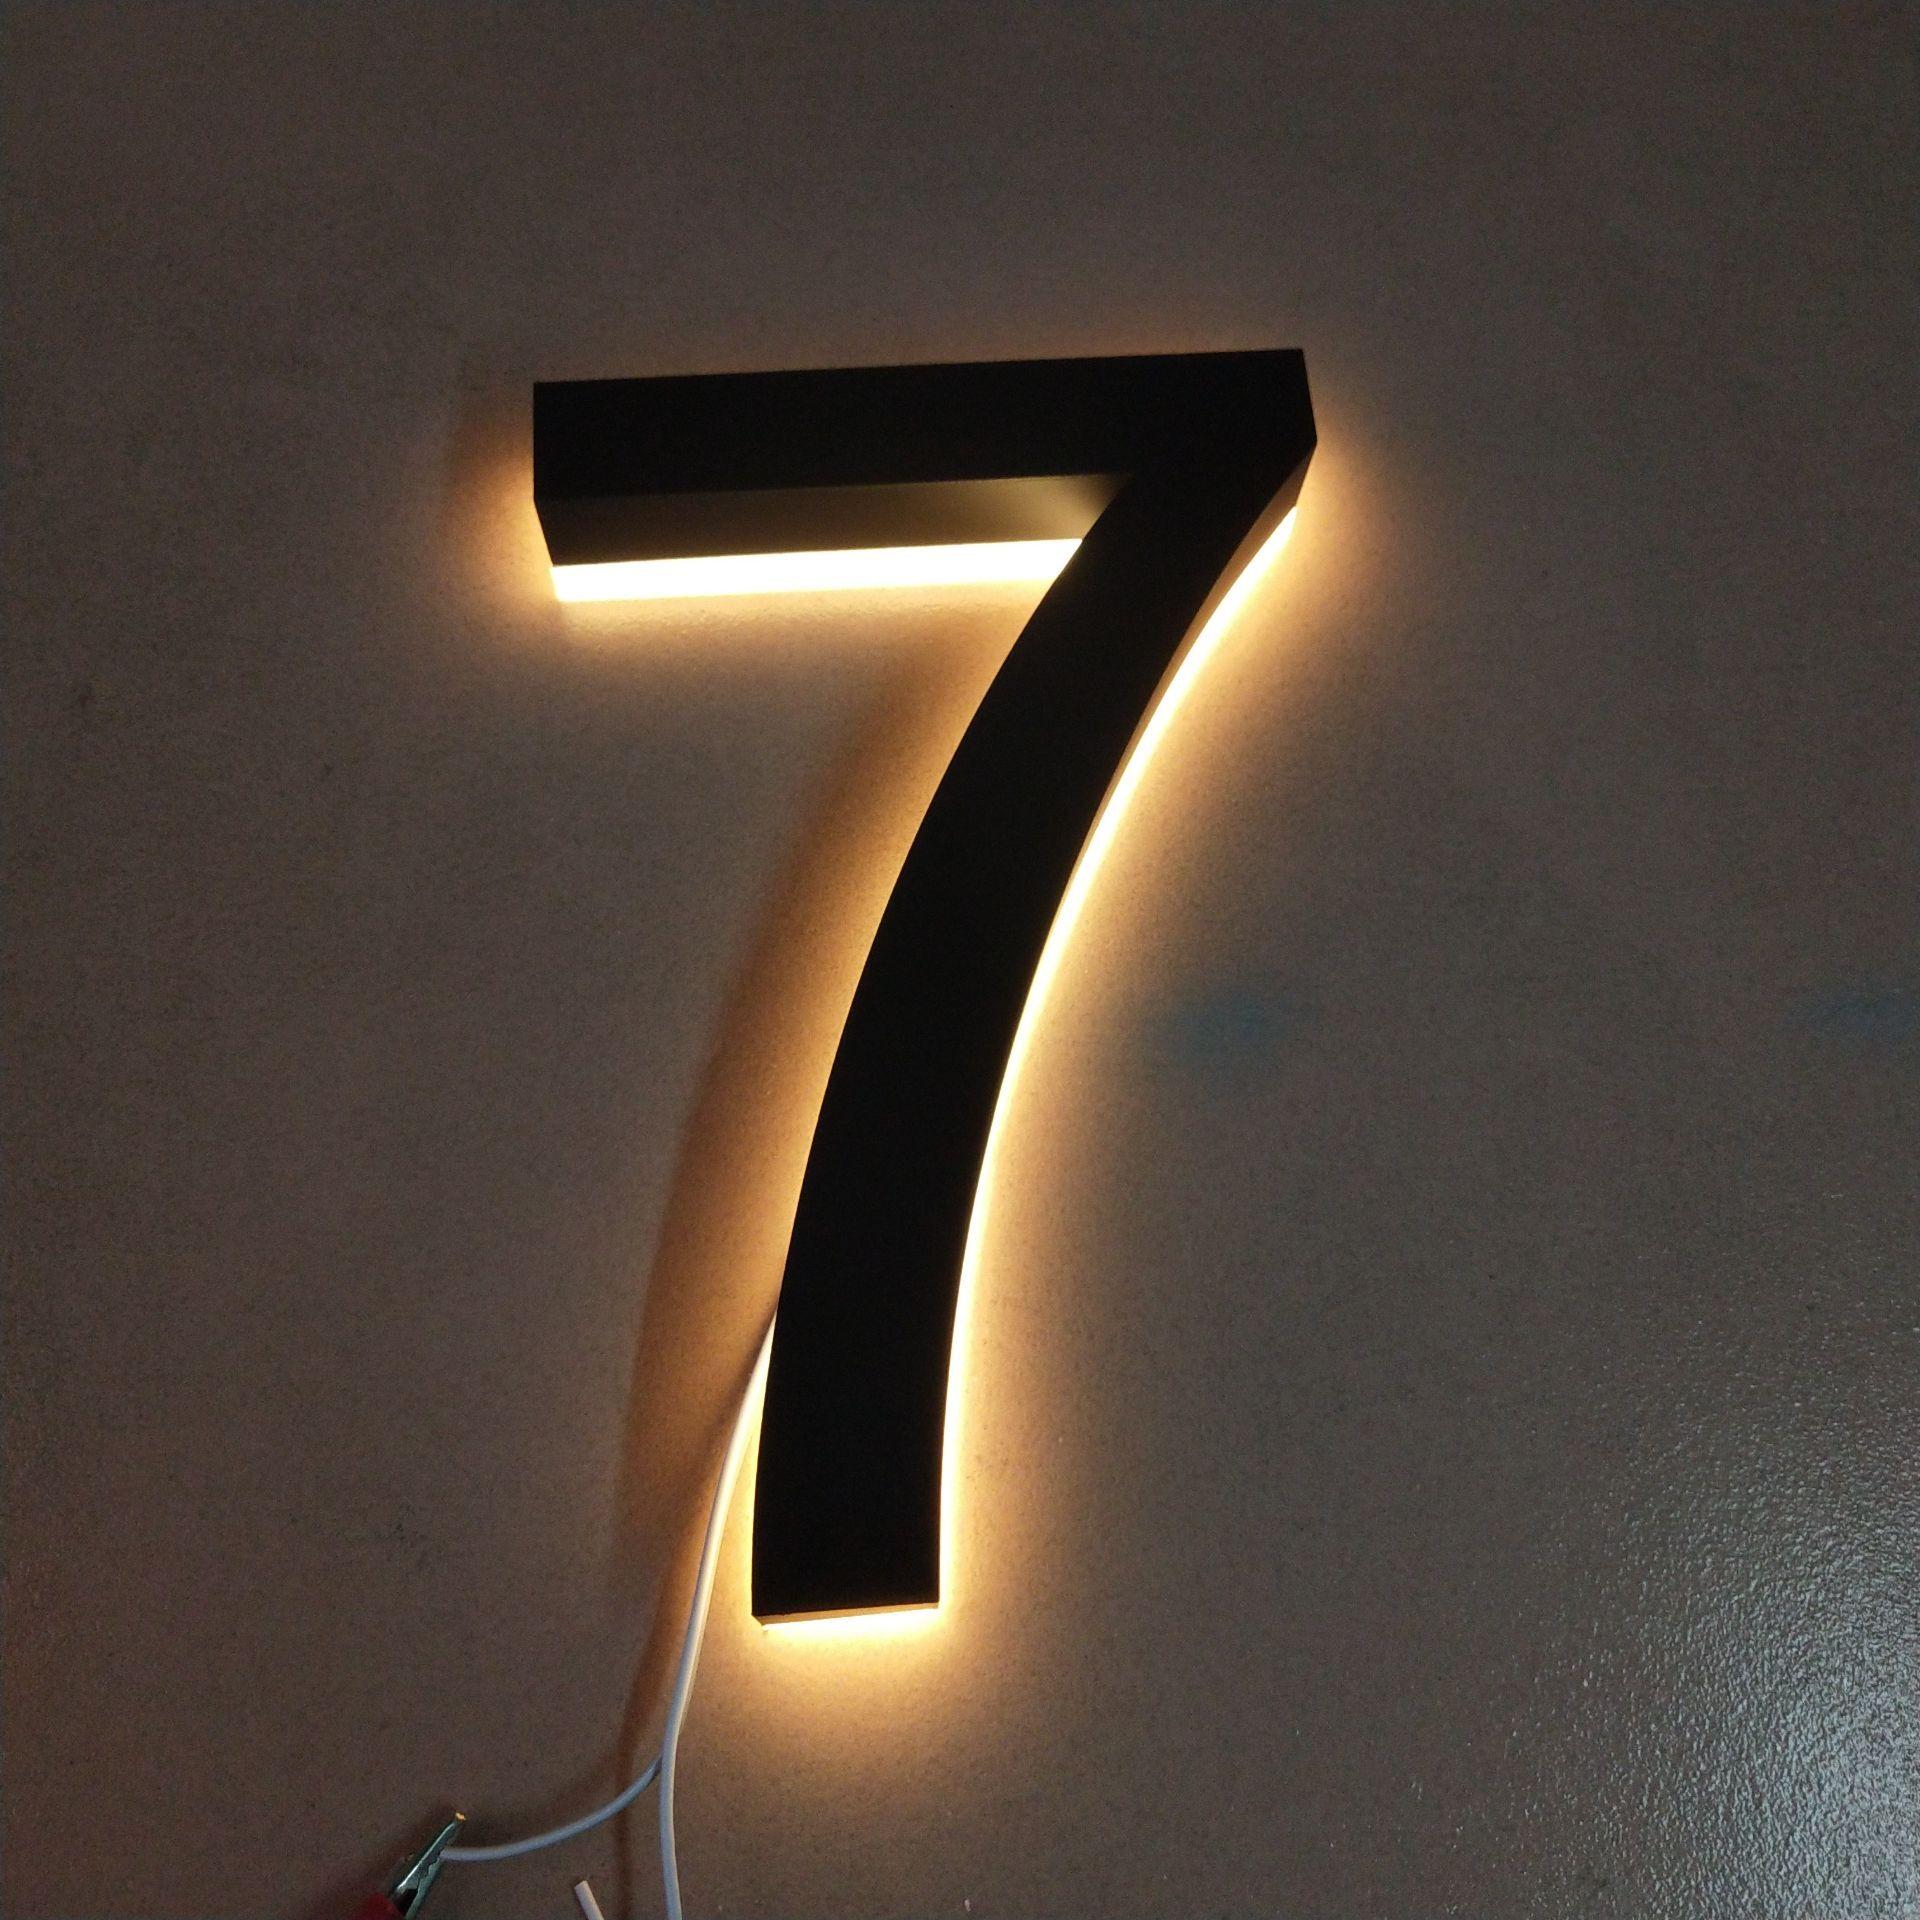 في الهواء الطلق مقاوم للماء عالية السطوع الاكريليك علامات الفولاذ المقاوم للصدأ حروف بإضاءة LED housenumber